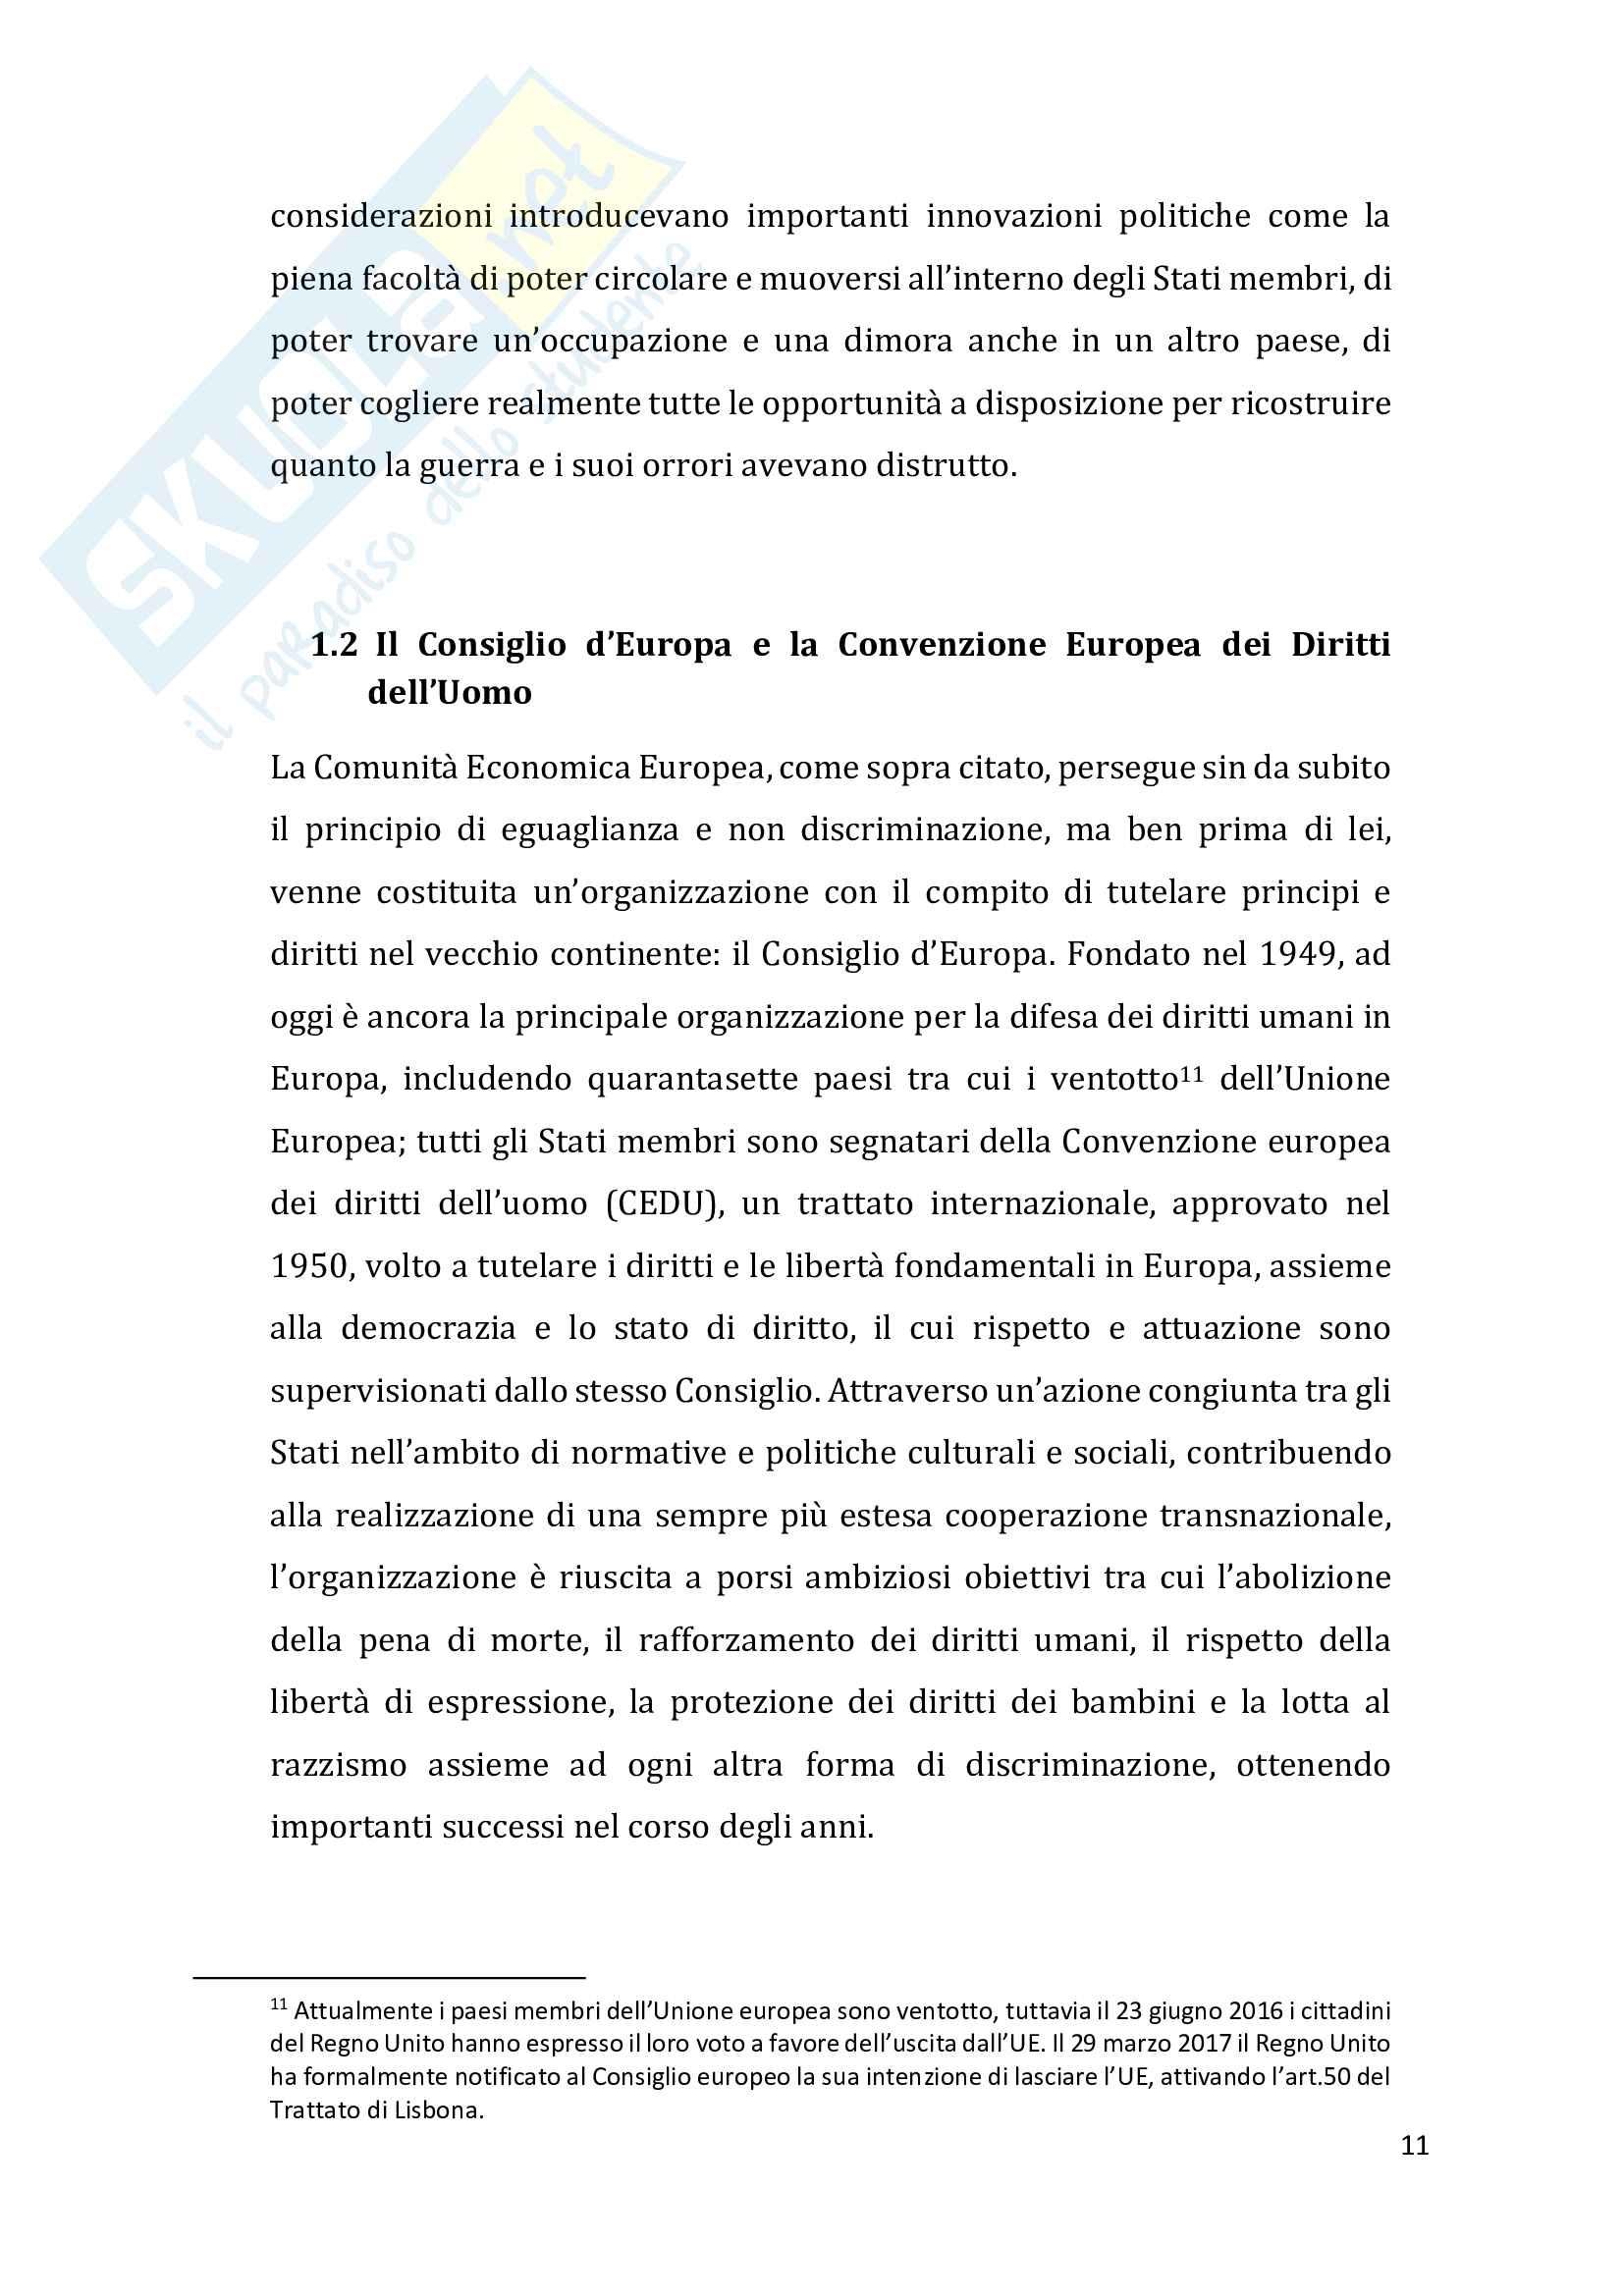 Il principio di non discriminazione fondato sul sesso e la parità di trattamento tra uomini e donne. Evoluzione e prospettive nel Diritto dell'Unione Europea Pag. 11